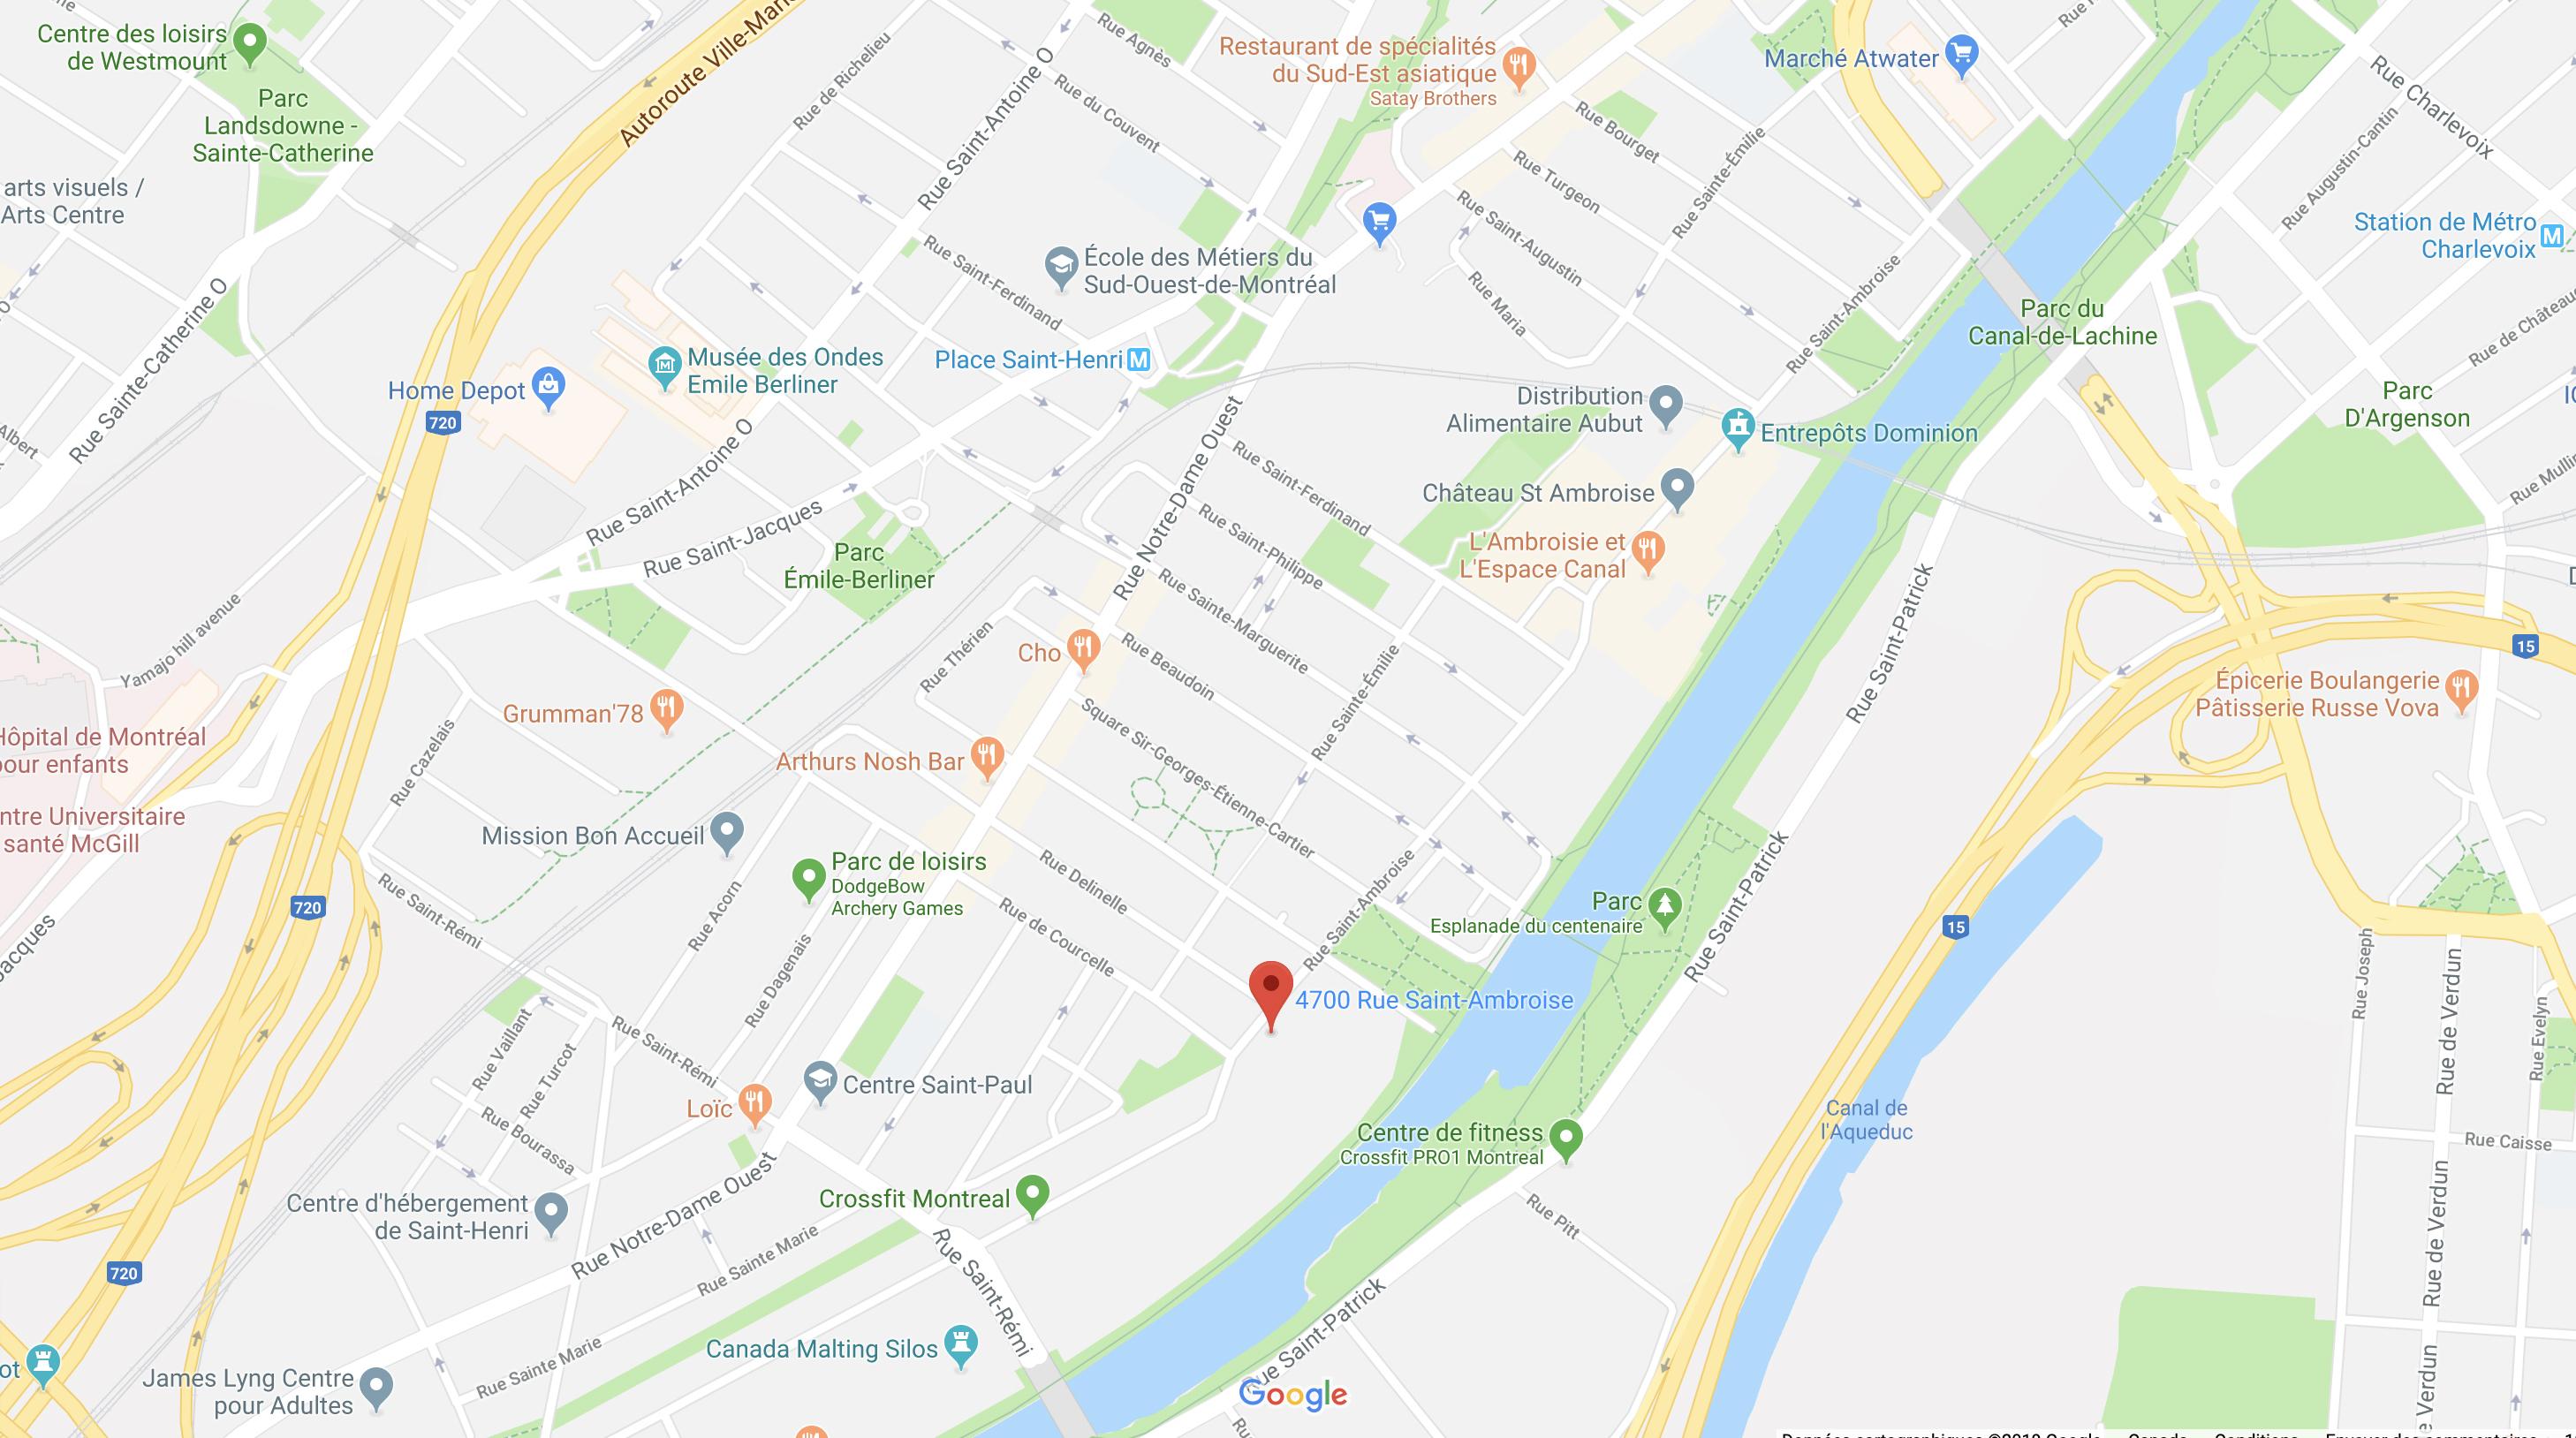 Carte Galdin 4700 rue St-Ambroise, Montréal H4C 2C7